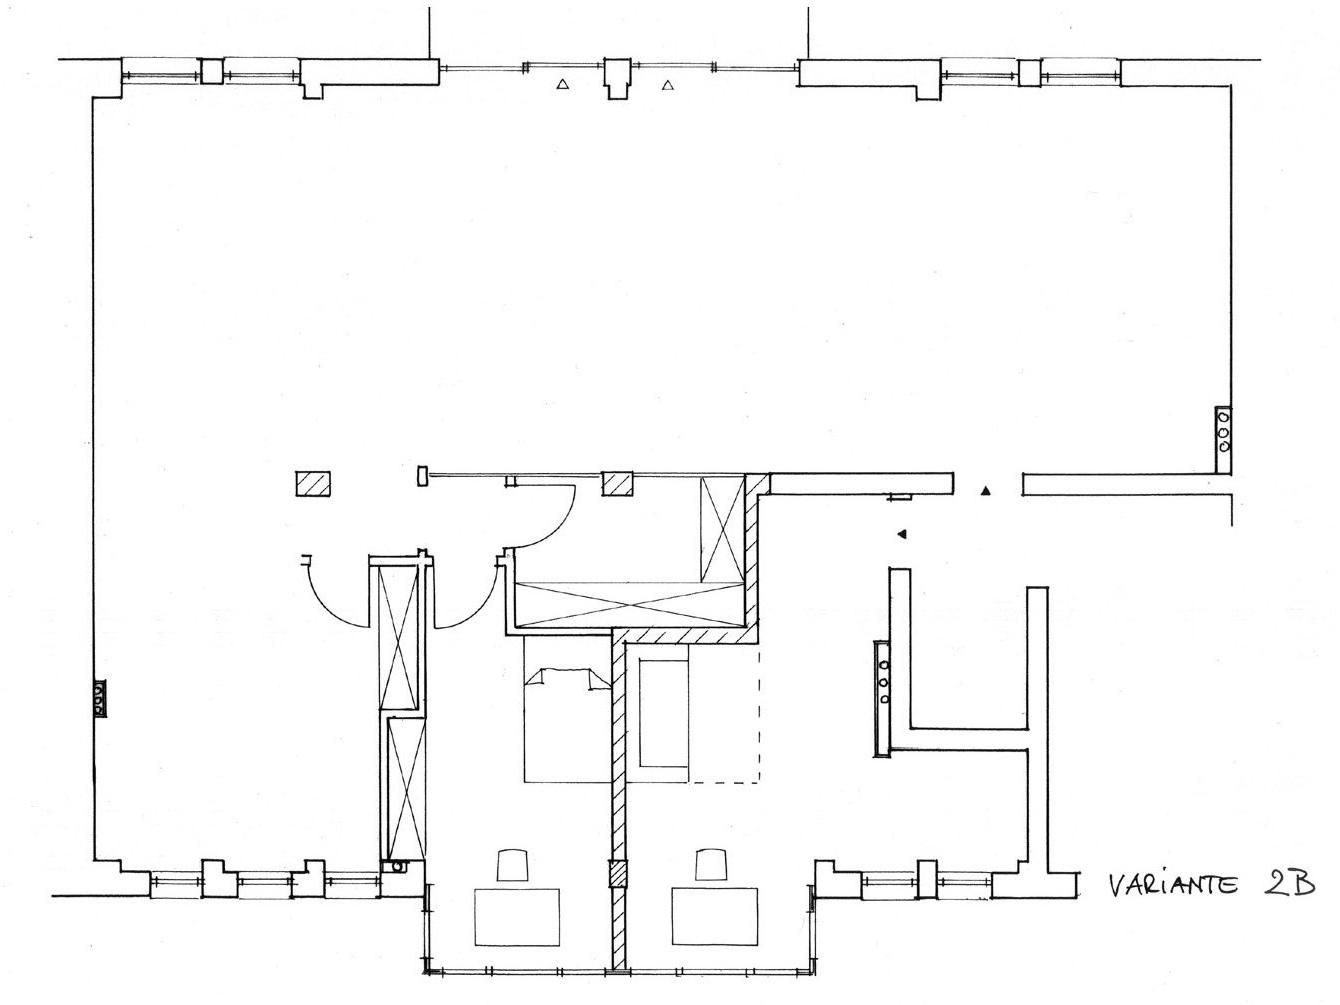 Nutzungskonzepte Loftwohnung - Variante 2 B